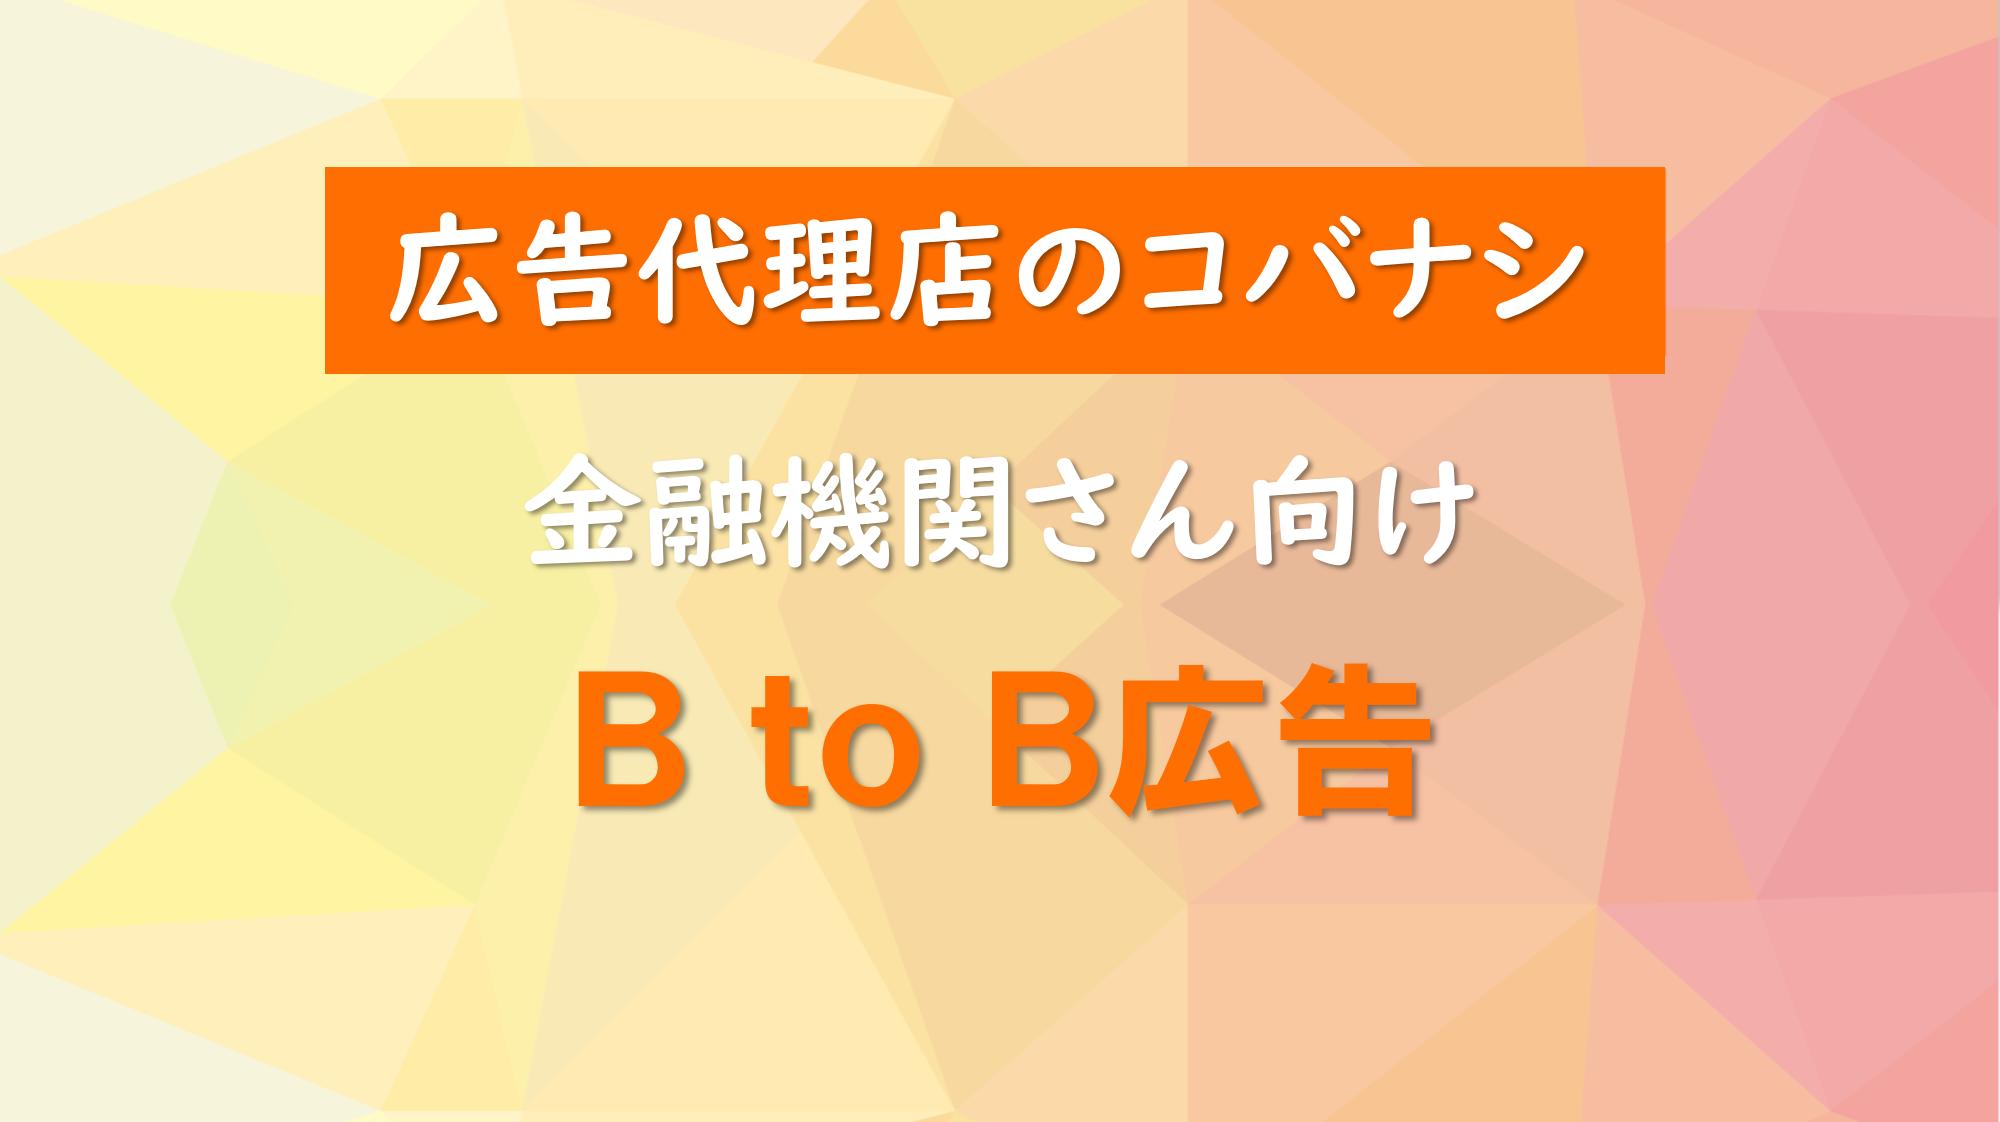 <コバナシ>金融機関さん向け「B to B広告」